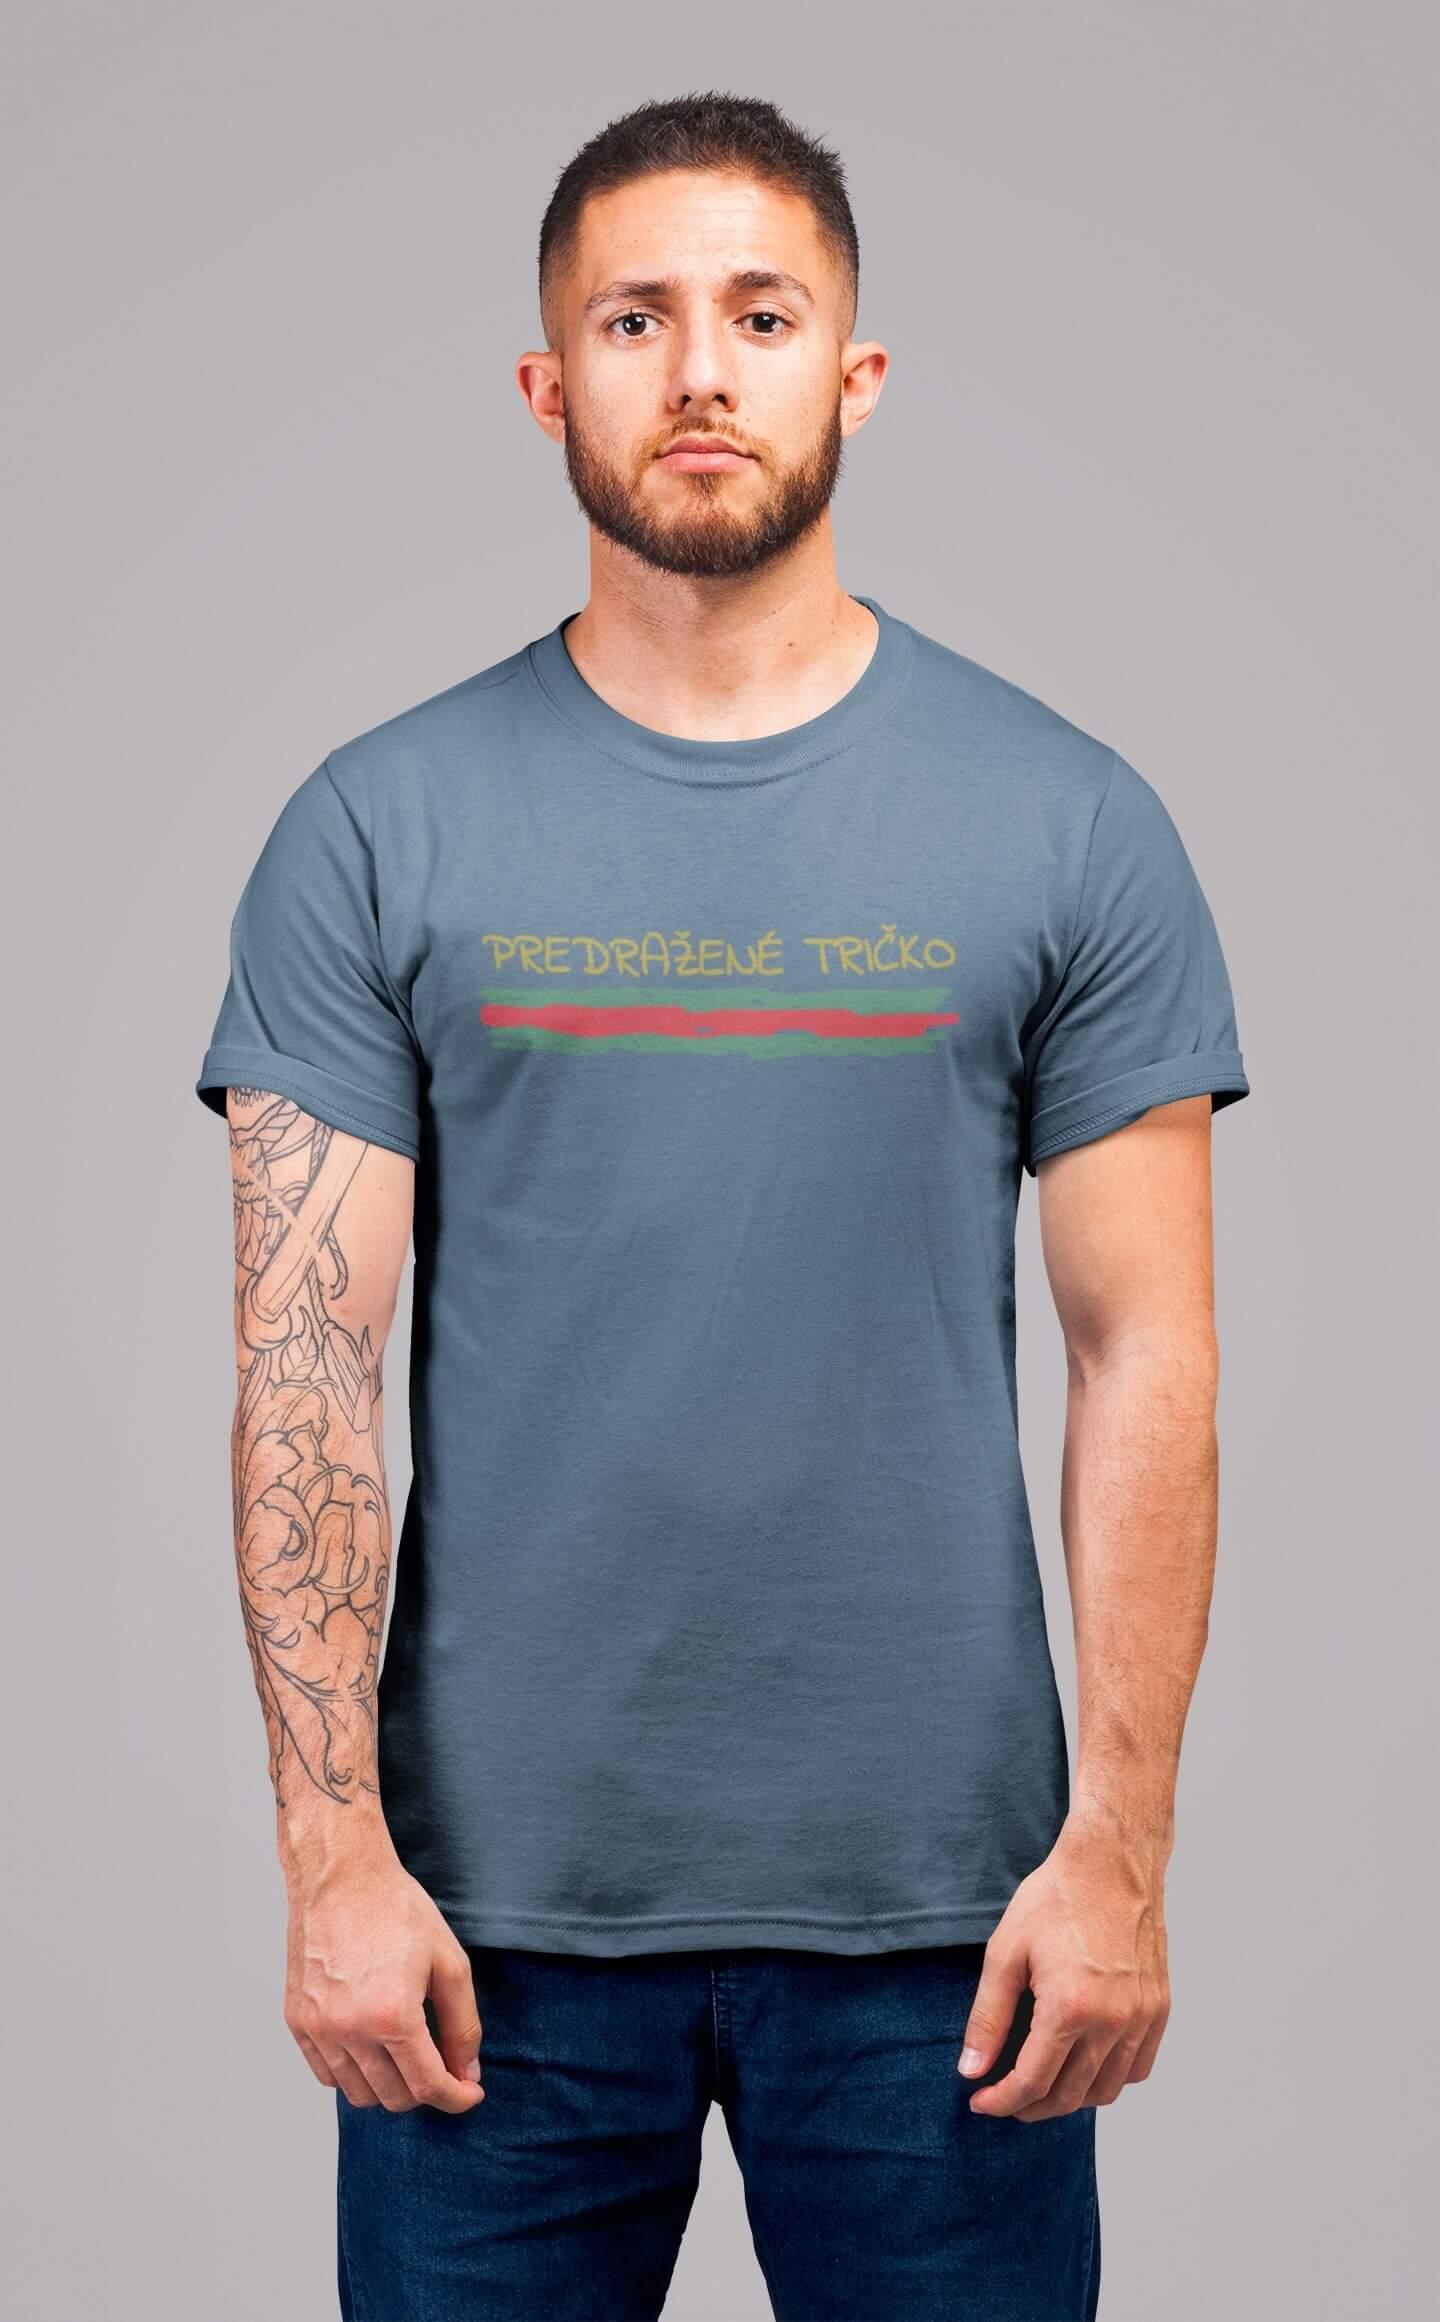 MMO Pánske tričko Predražené tričko Vyberte farbu: Denim, Vyberte veľkosť: XS